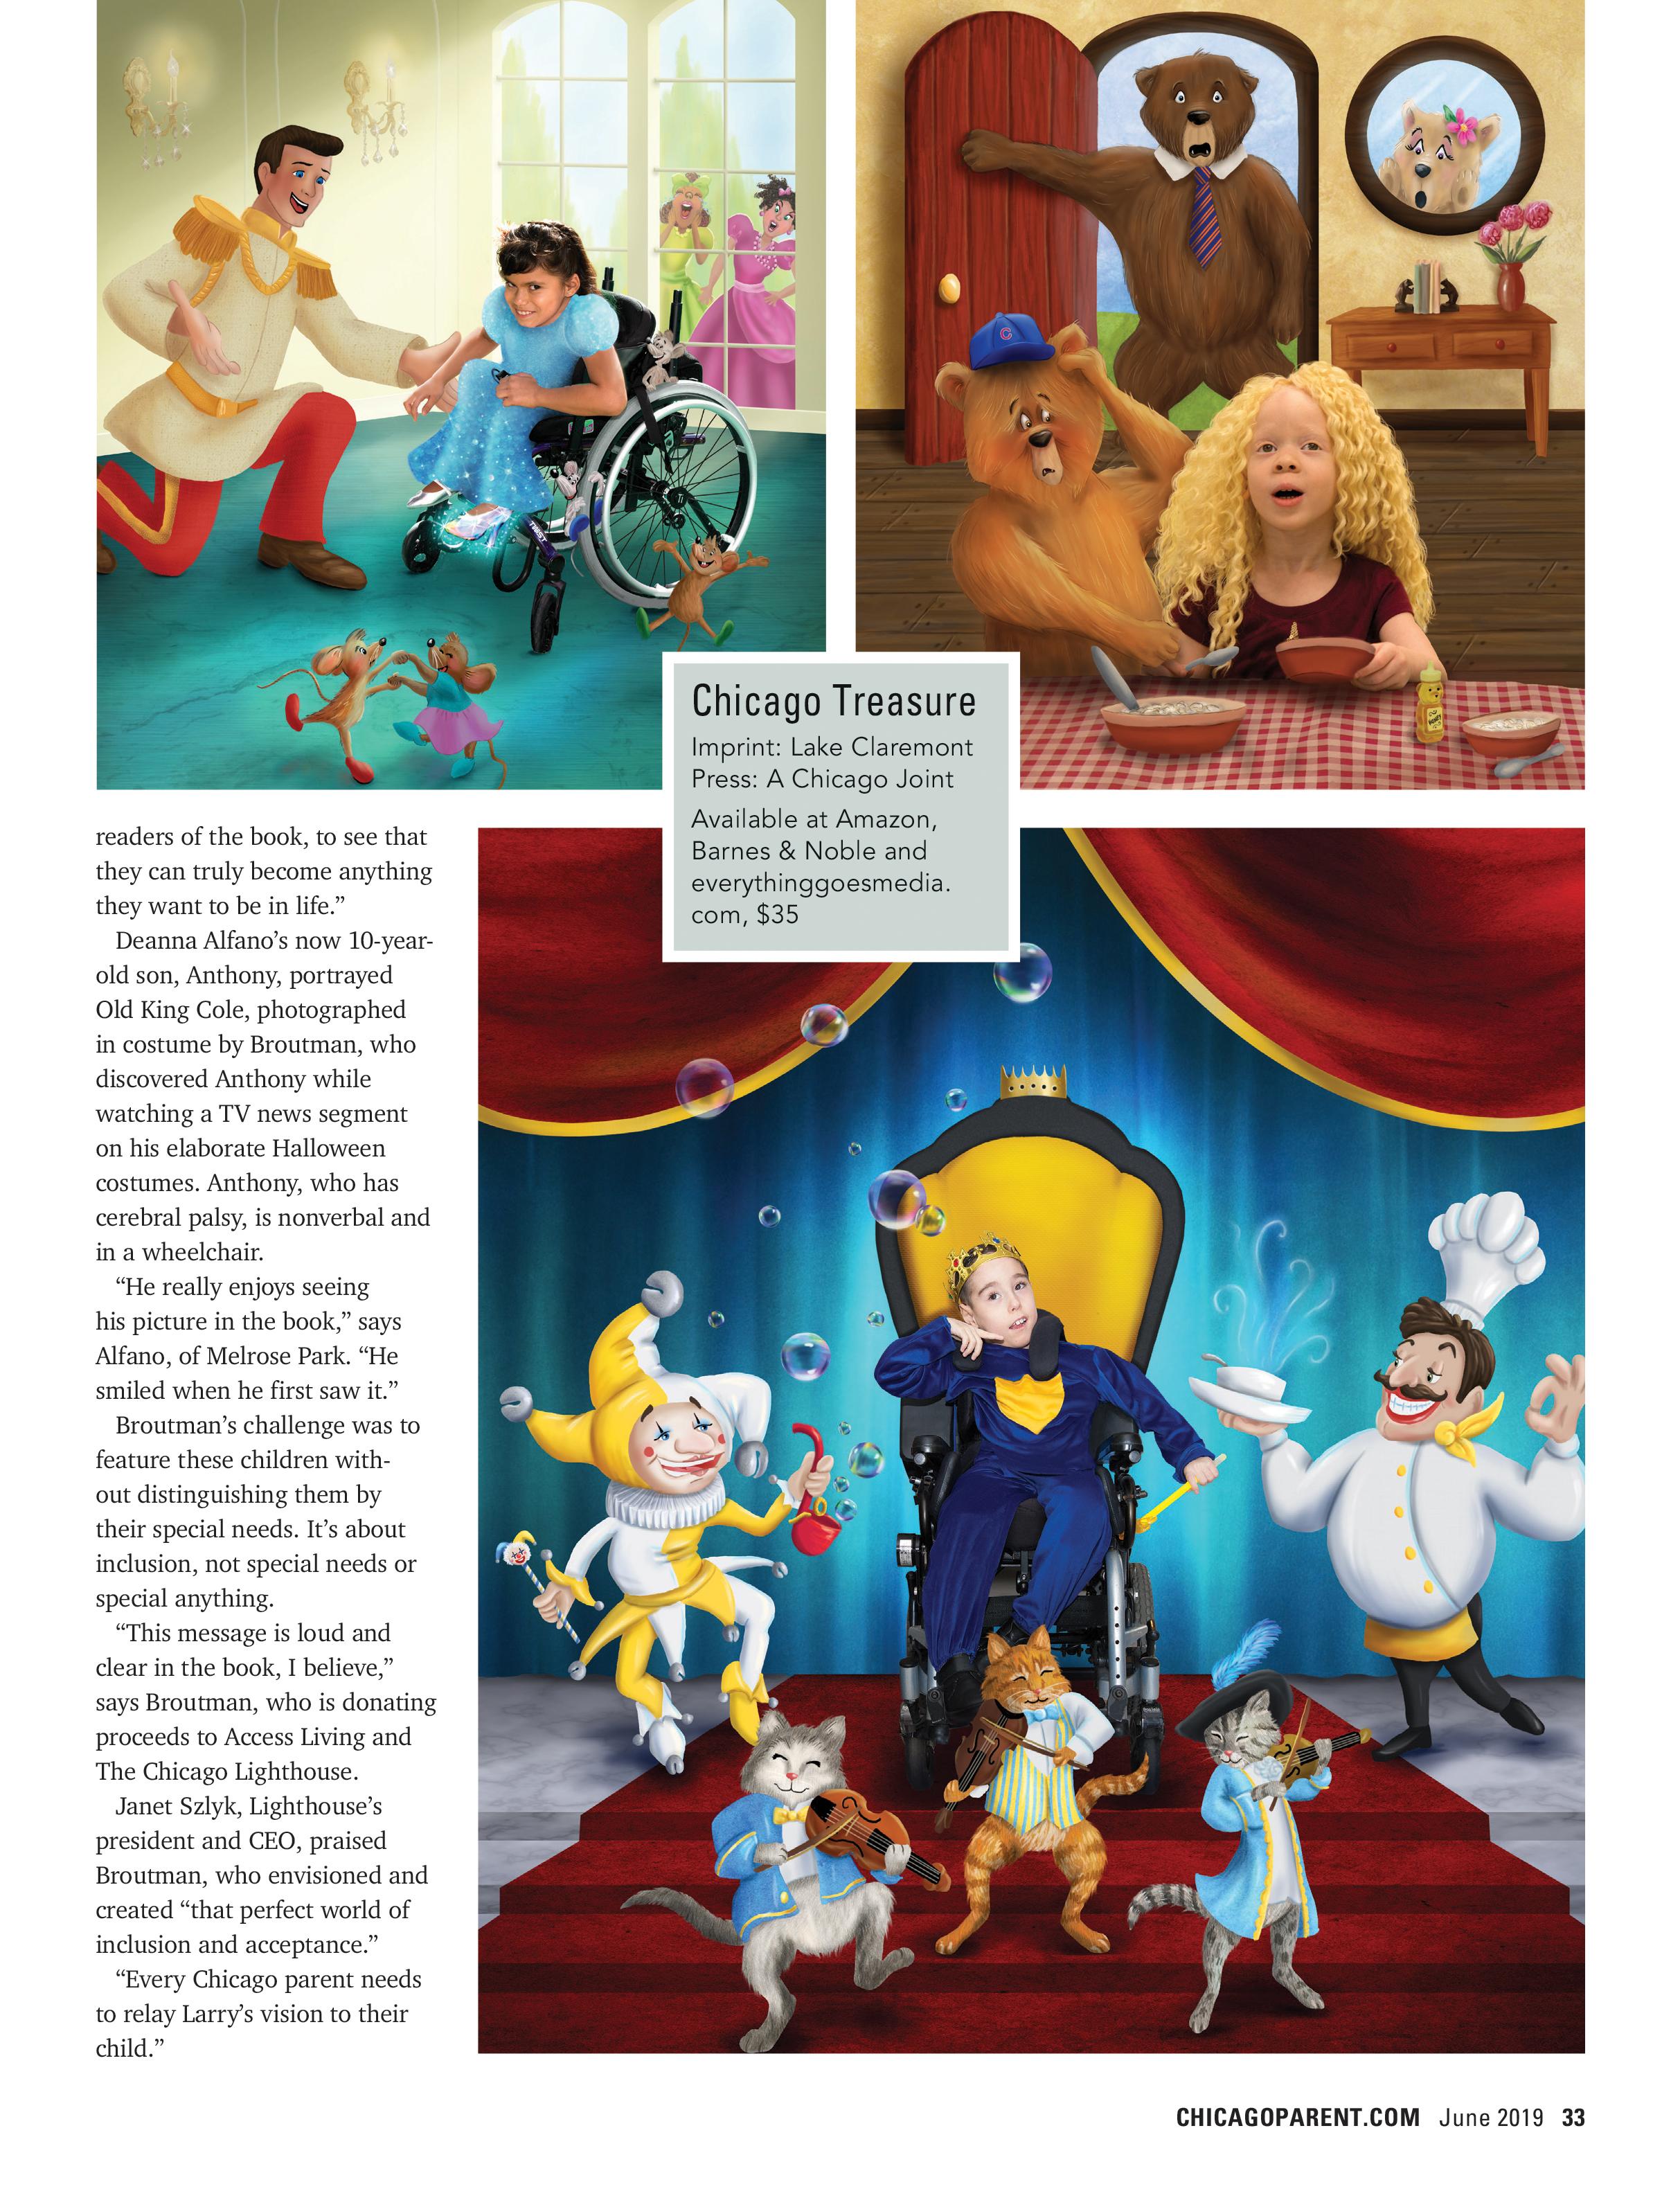 Chicago Parent Fairy Tales Do Come True-02.jpg